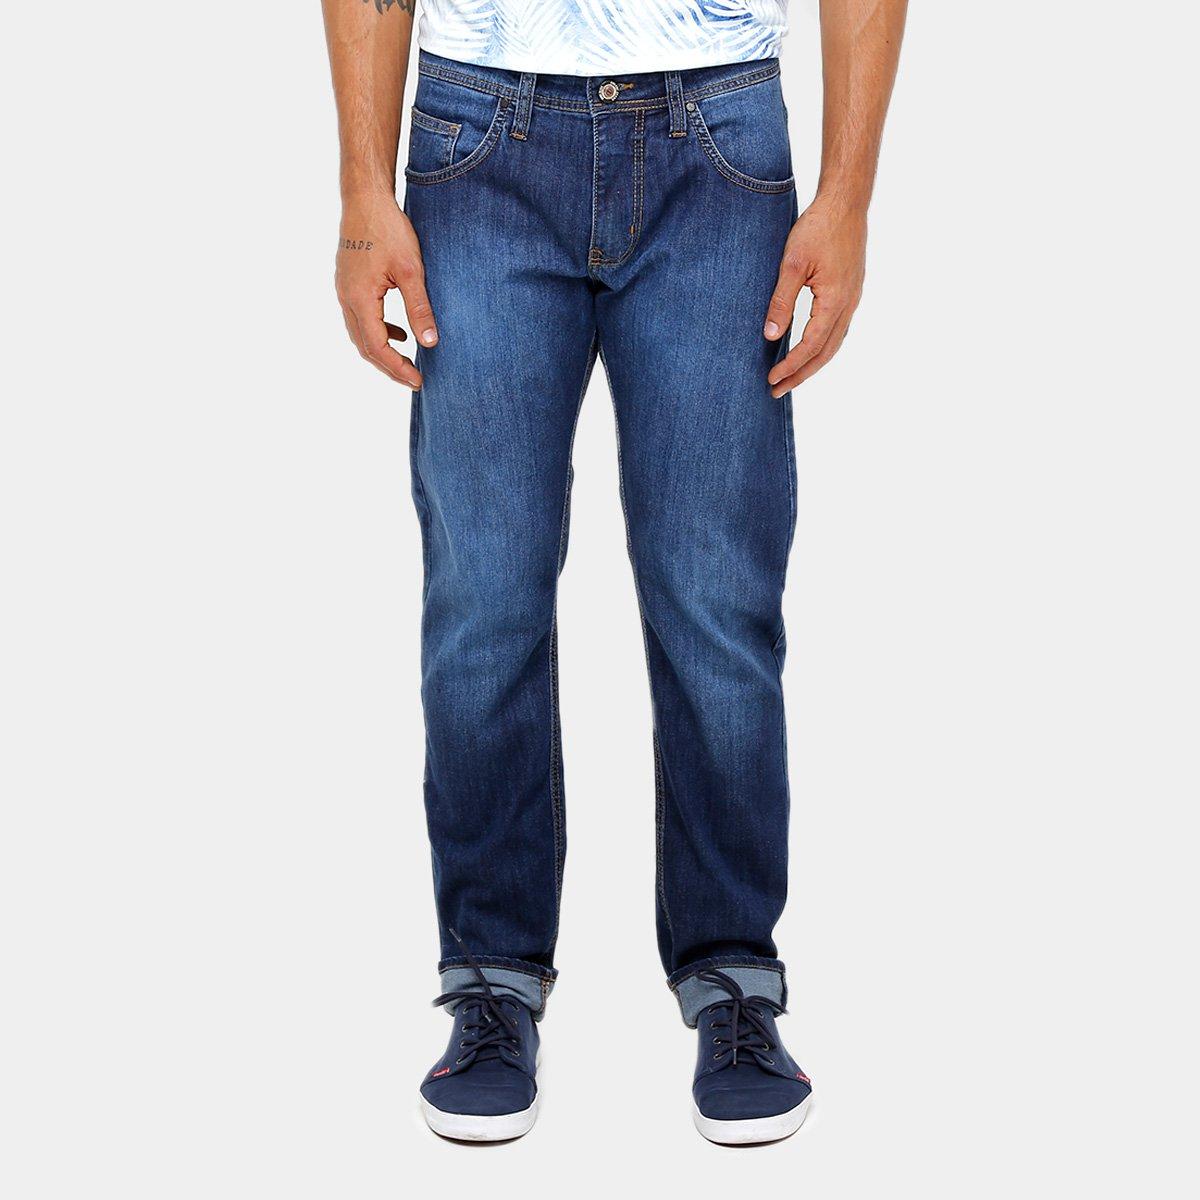 b40705159 Calça Jeans Slim Fit Colcci Estonada Masculina